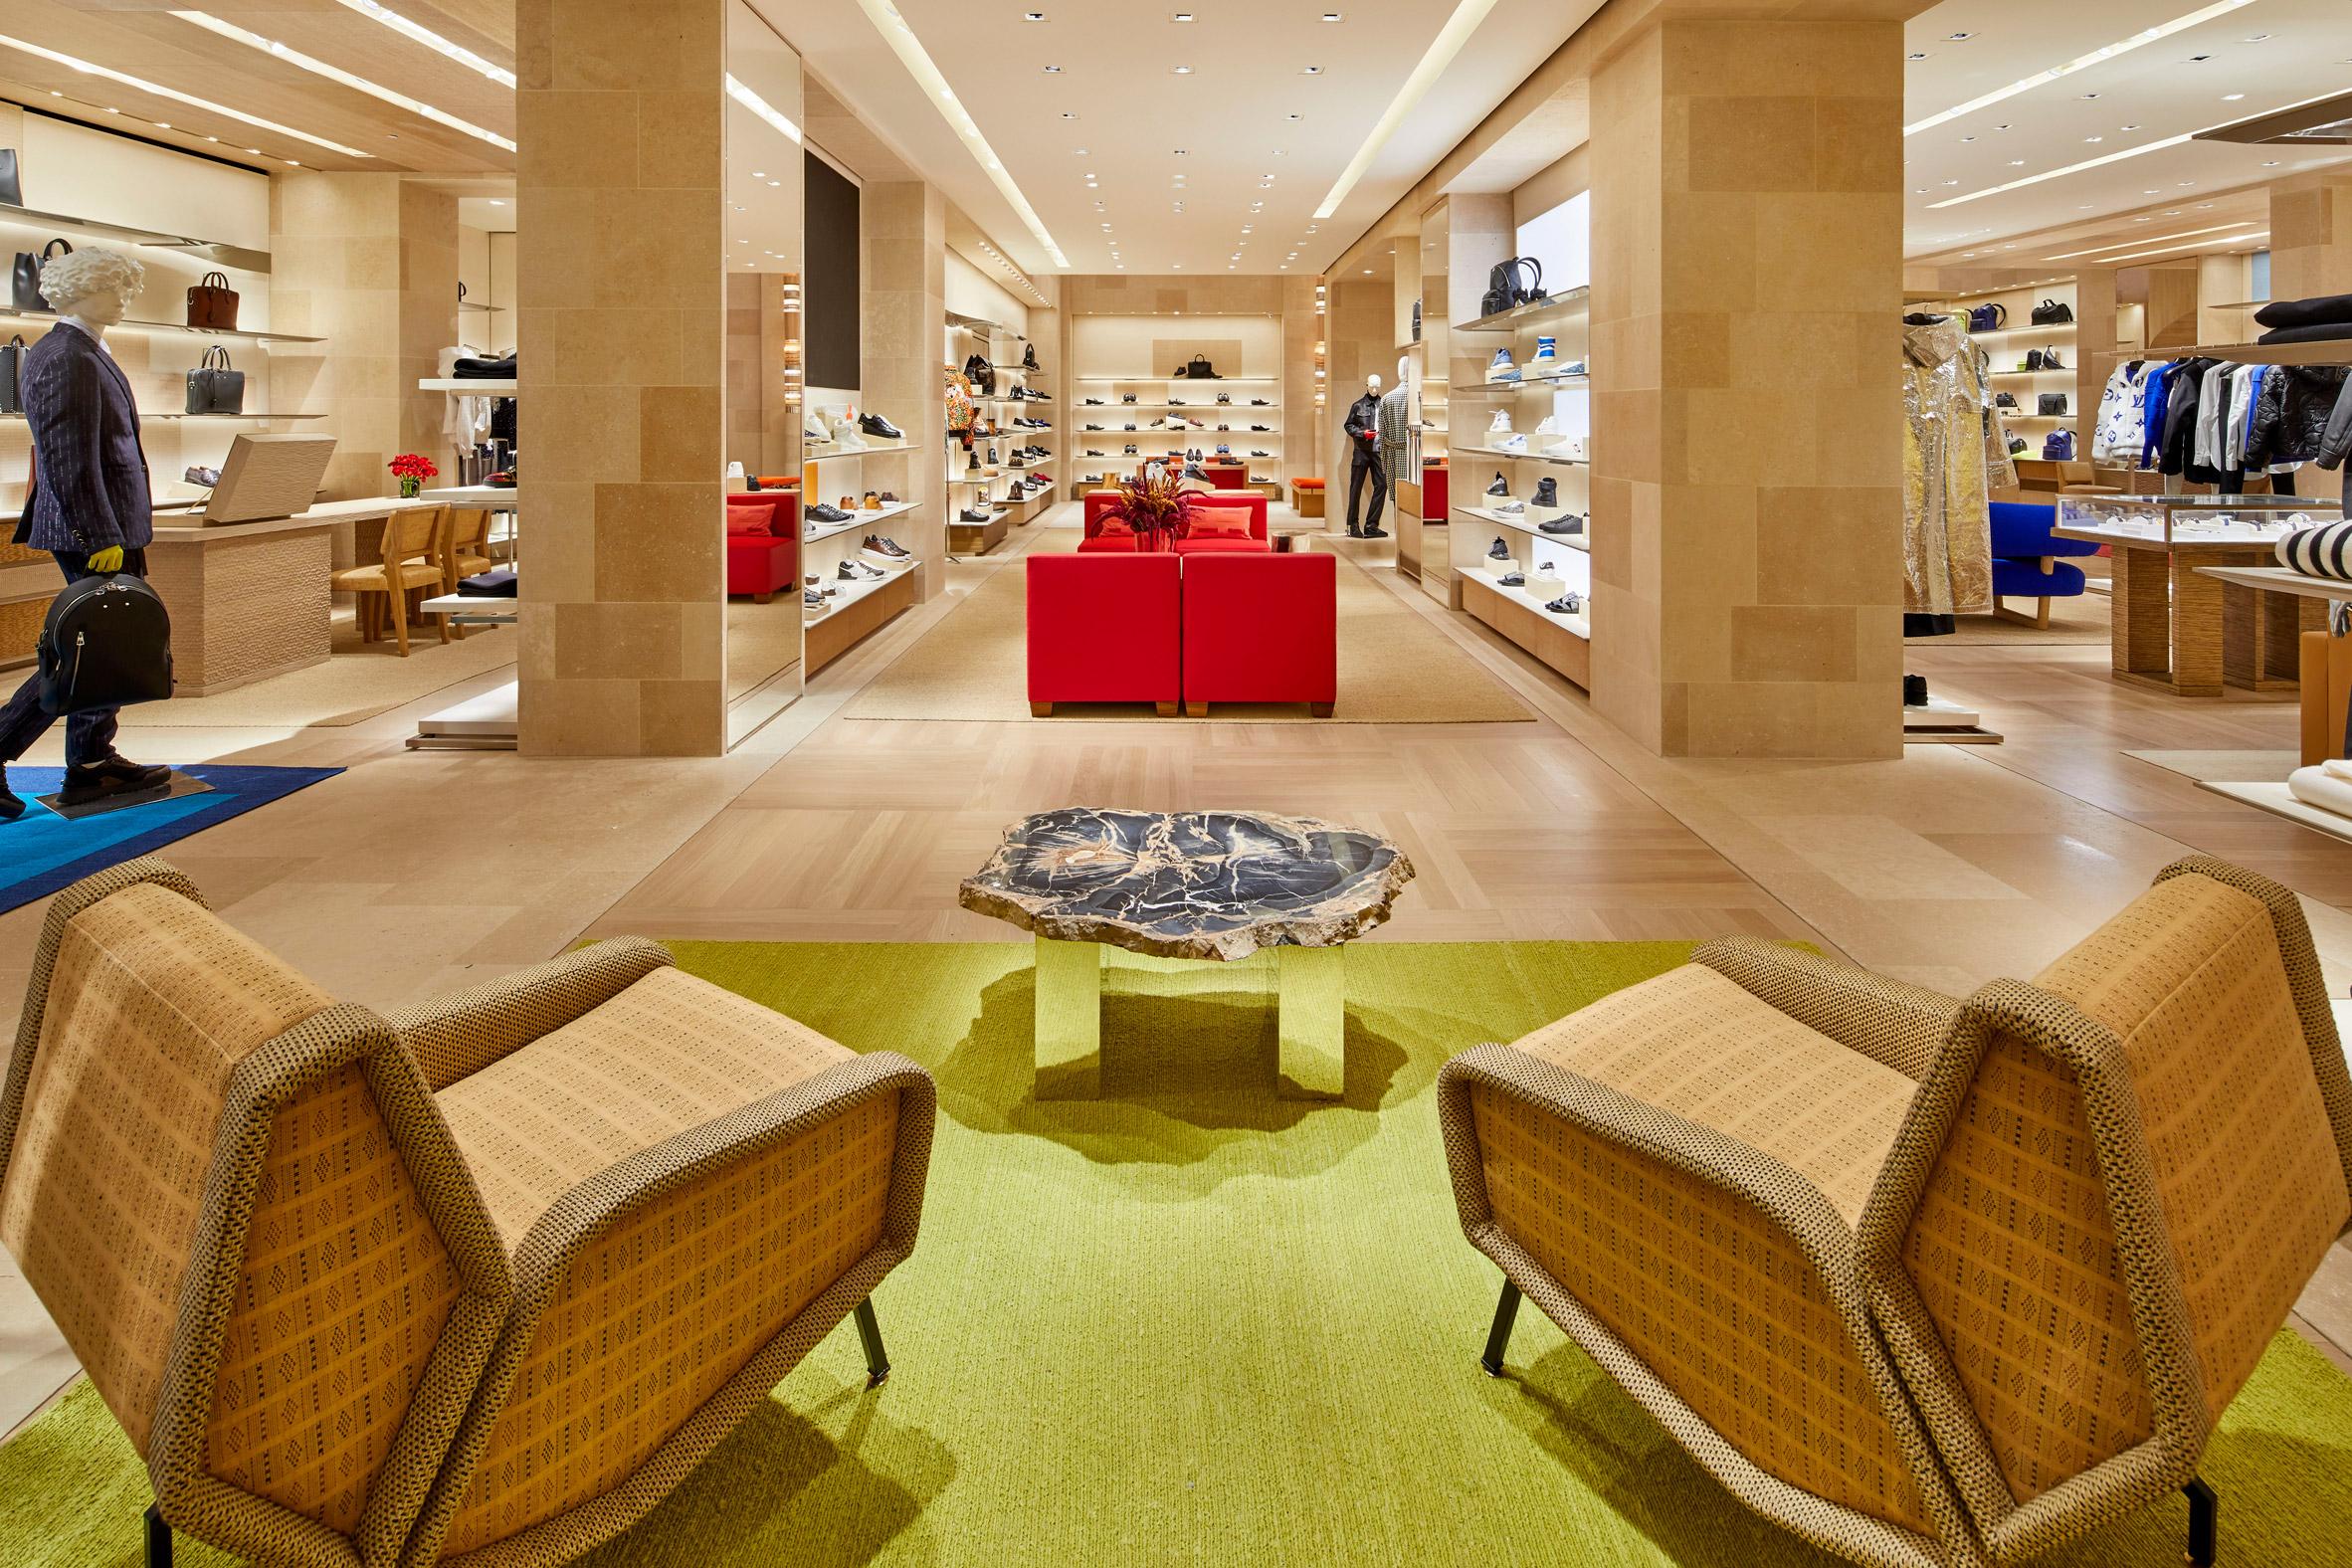 Thiết kế ánh sáng cho cửa hàng thời trang 7